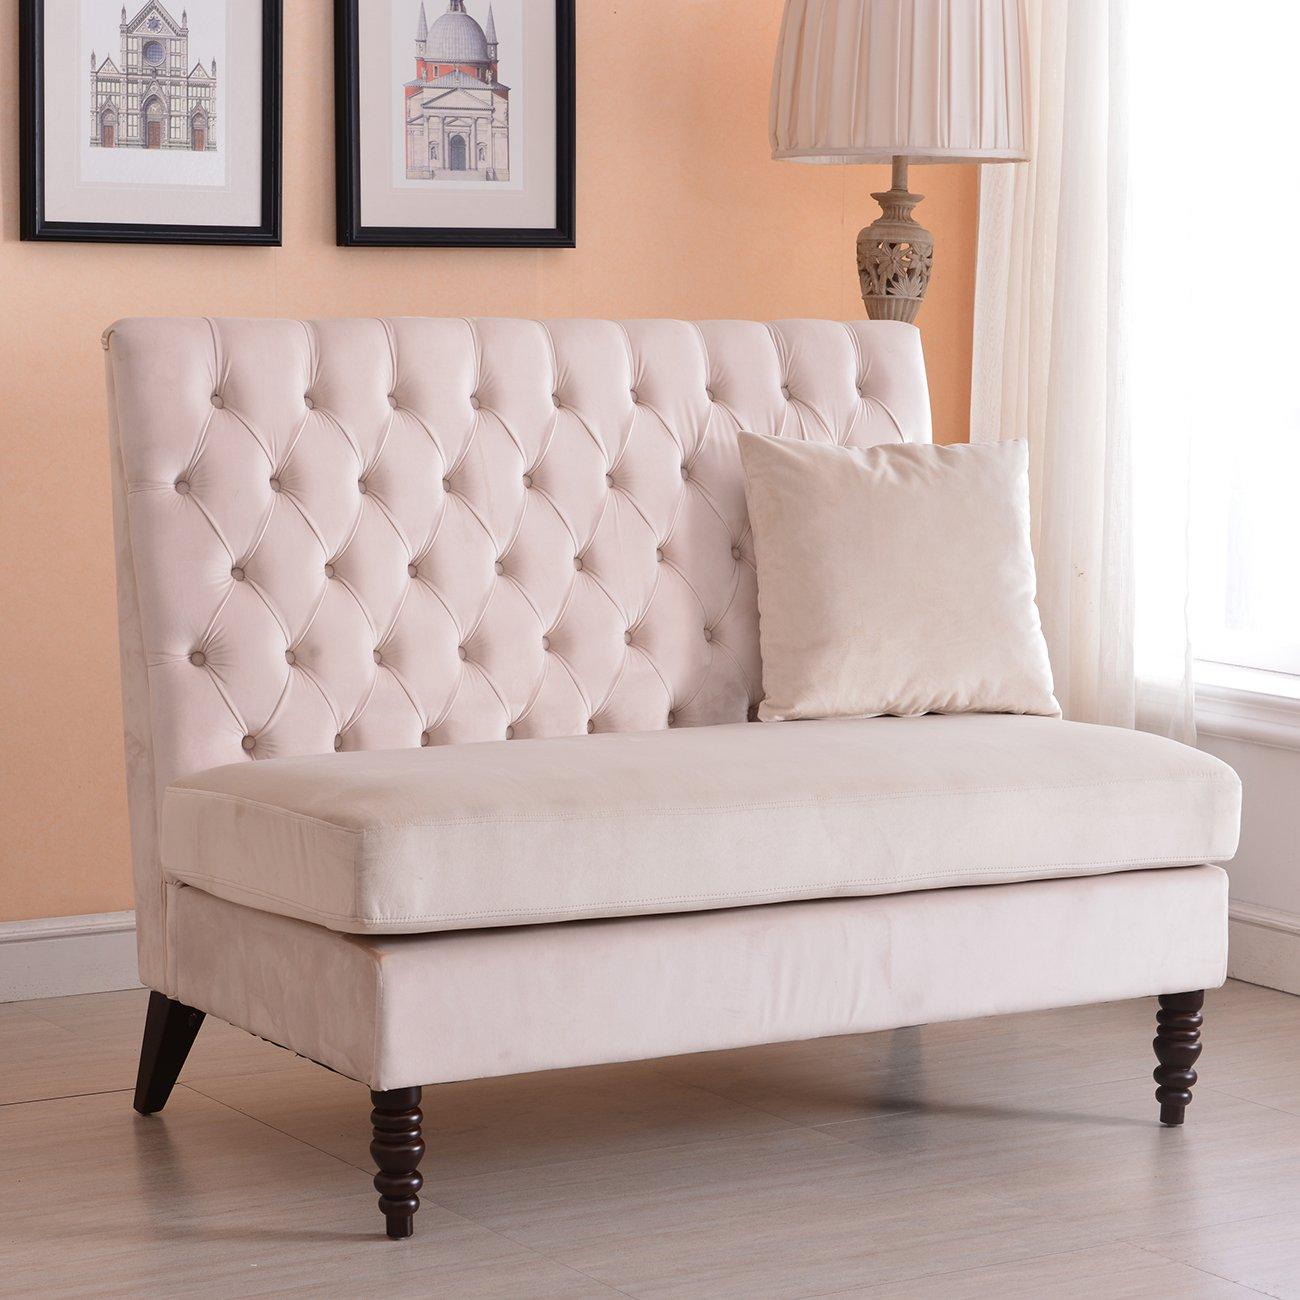 Velvet Modern Tufted Settee Bench Bedroom Sofa High Back Love Seat - Beige + FREE E-Book